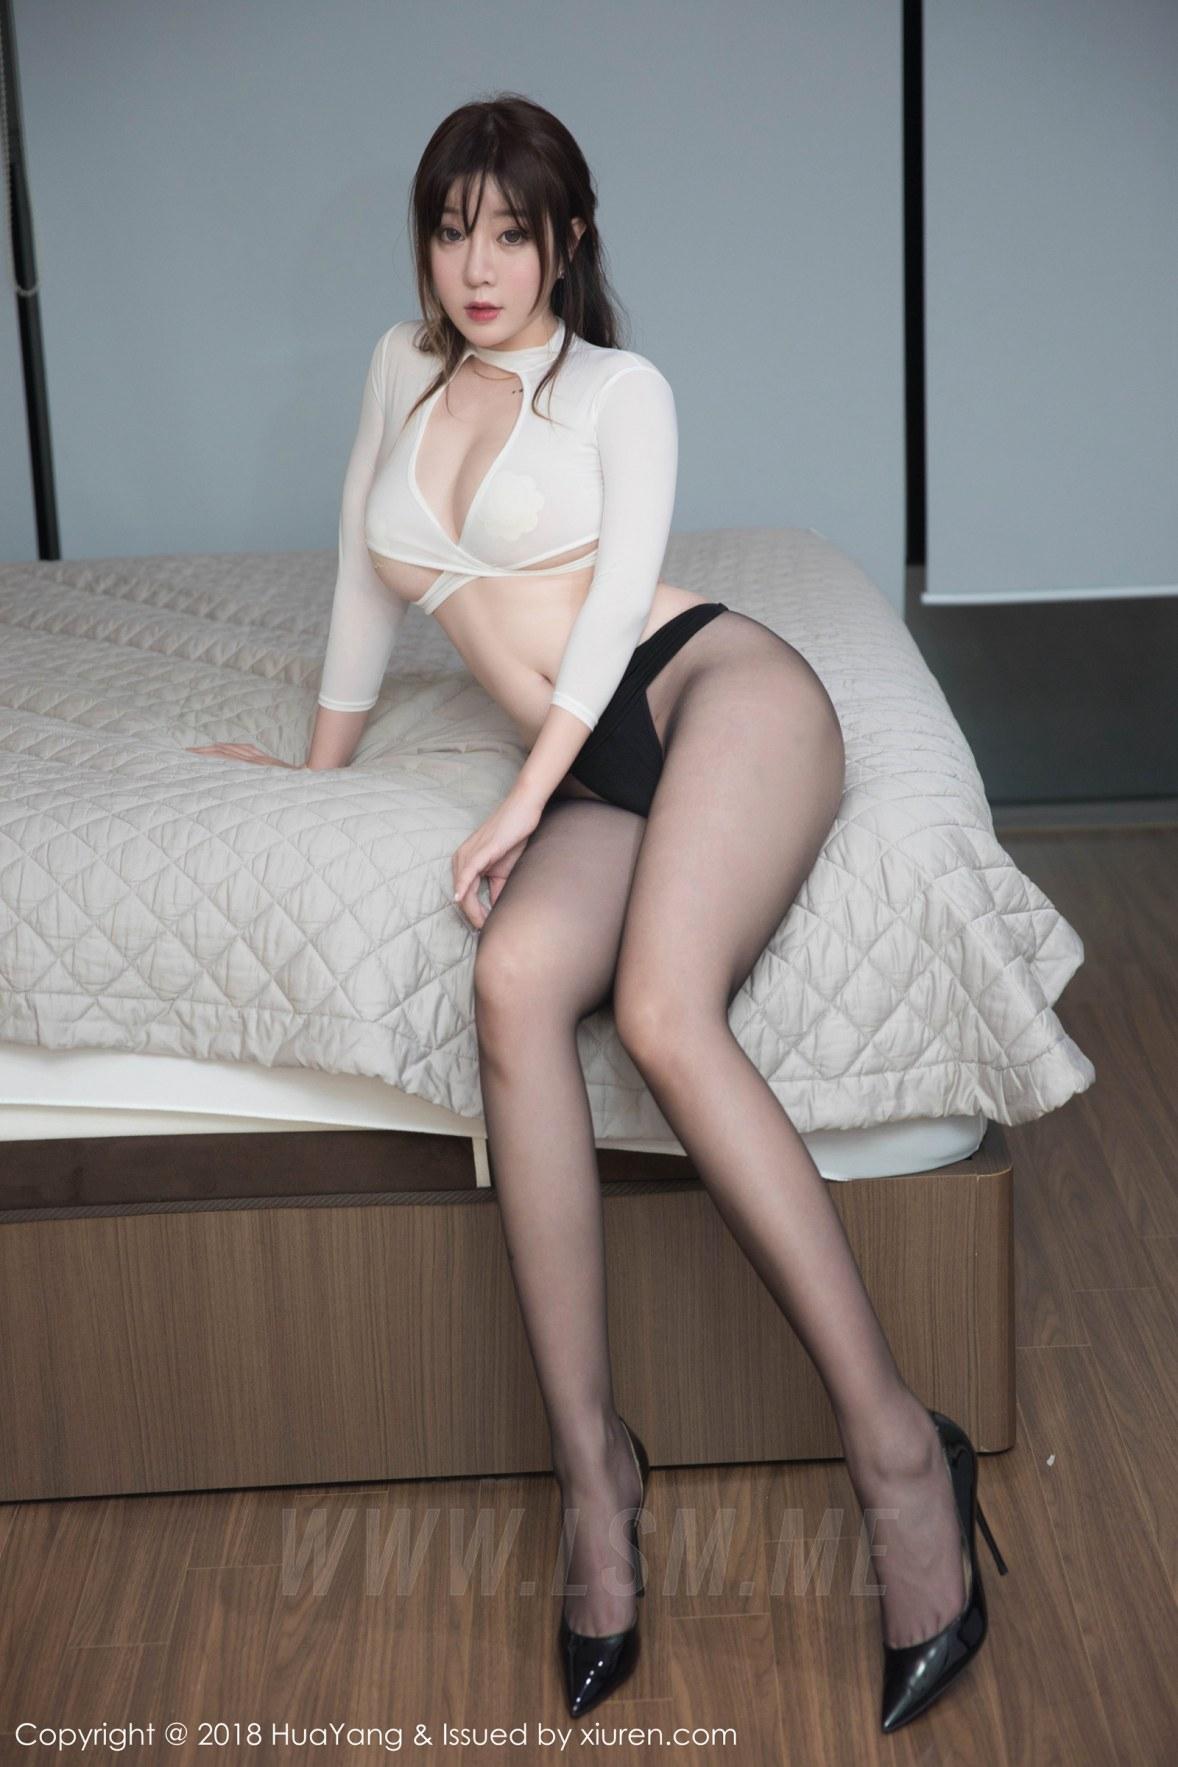 HuaYang 花漾show Vol.081 王雨纯黑丝翘臀 - 4